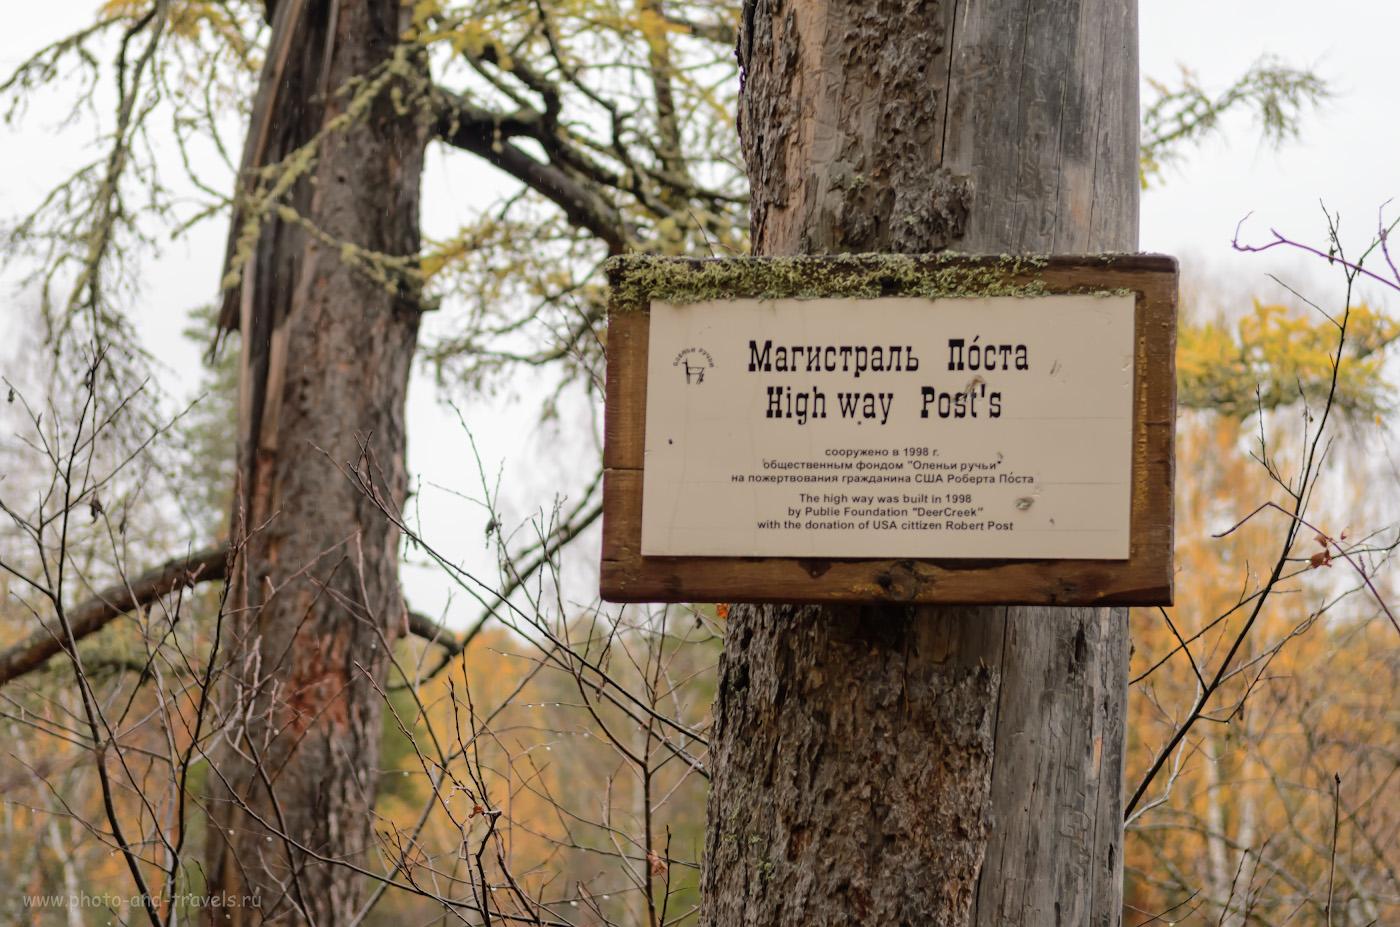 """Фото 10. Содержать парк помогали даже иностранцы. Тропа """"Магистраль Поста"""". 1/320, 4.0, -1.0, 250, 55."""